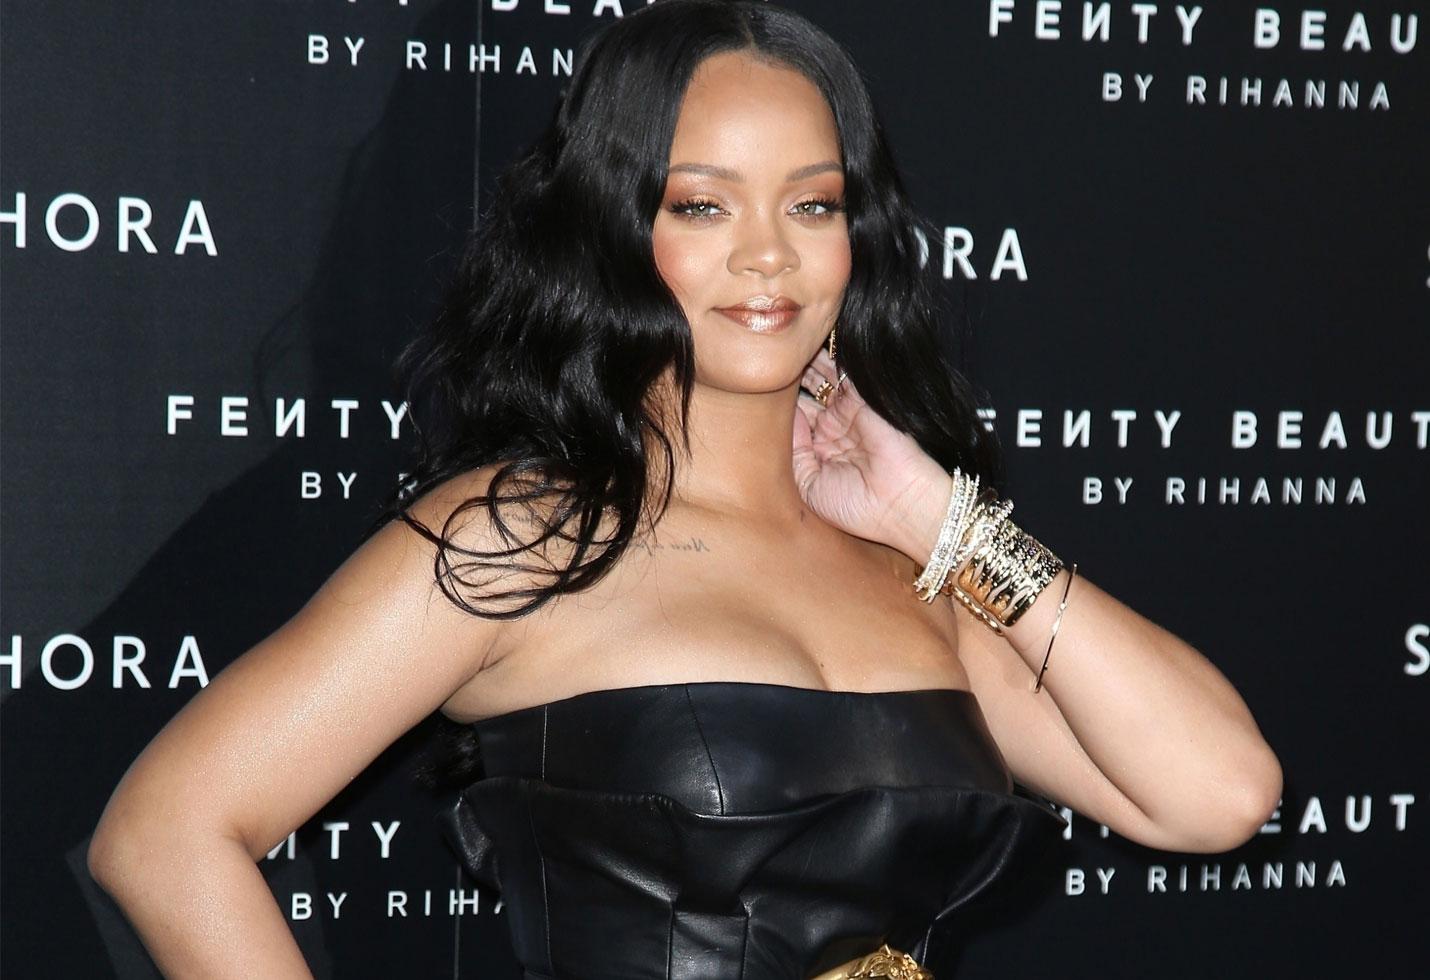 Rihanna shows off major weightloss tight black dress